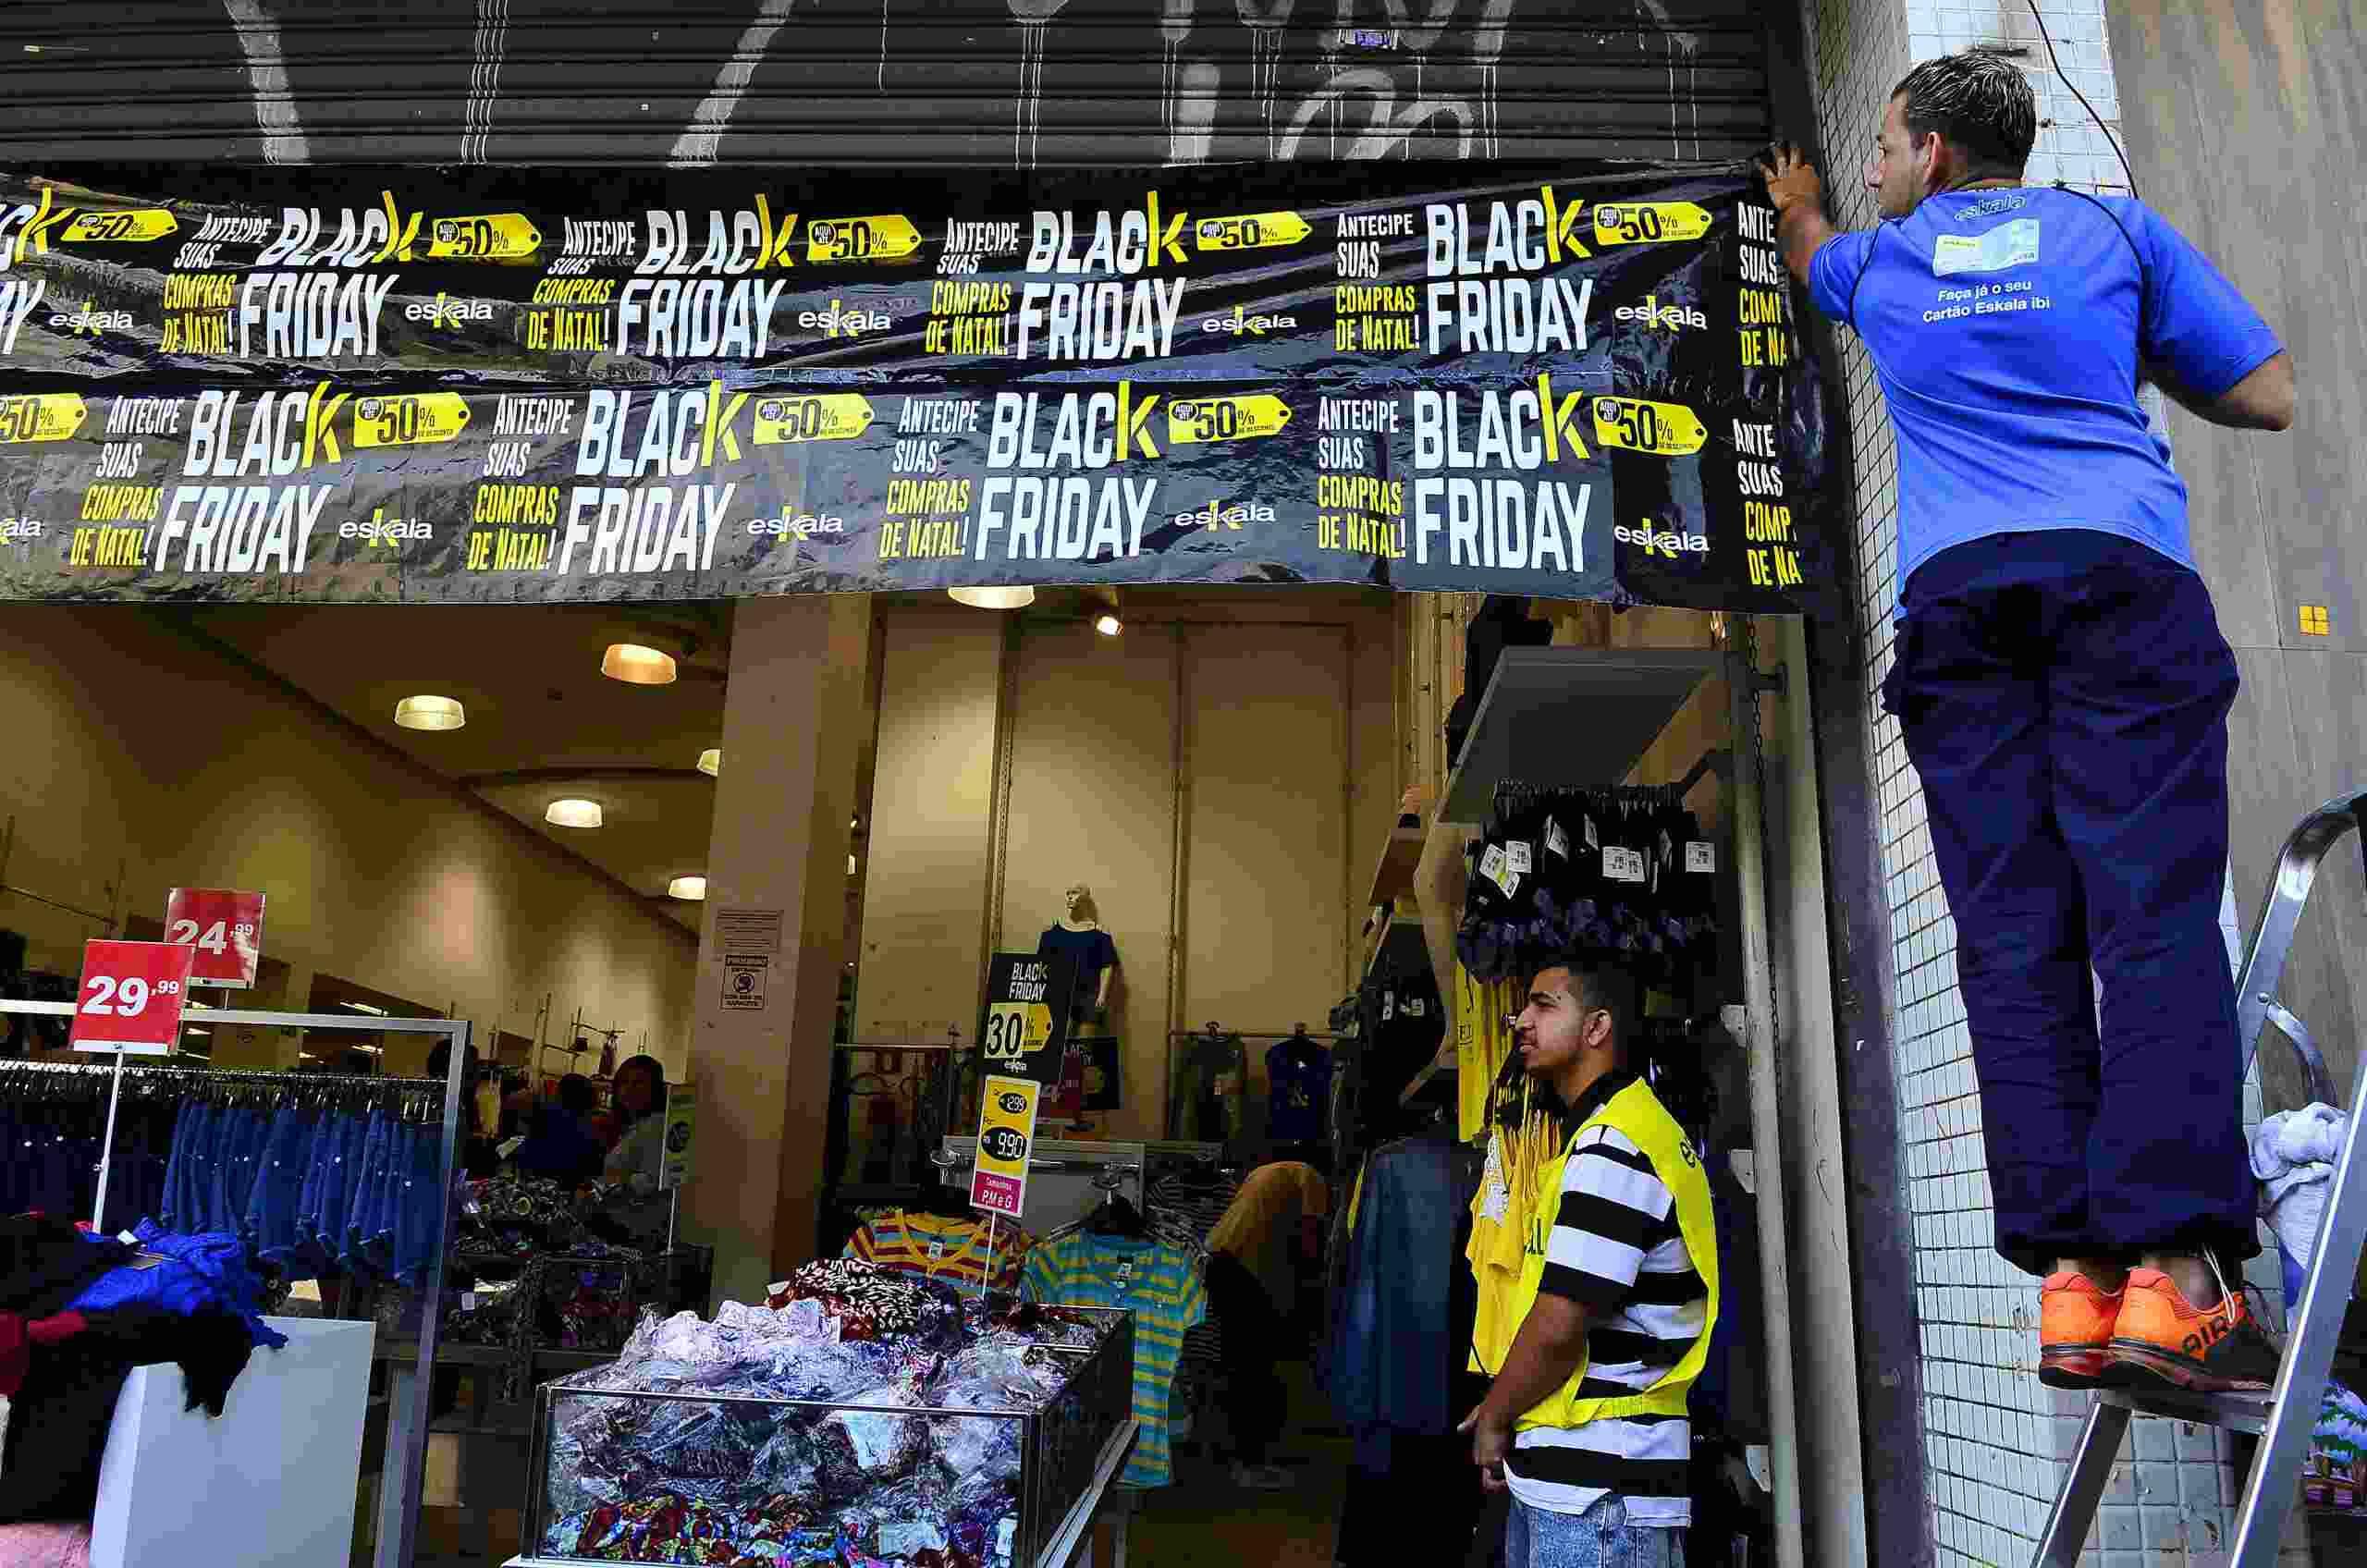 Comerciantes estão otimistas com a Black Friday 2020. Foto: Rovena Rosa/Agência Brasil